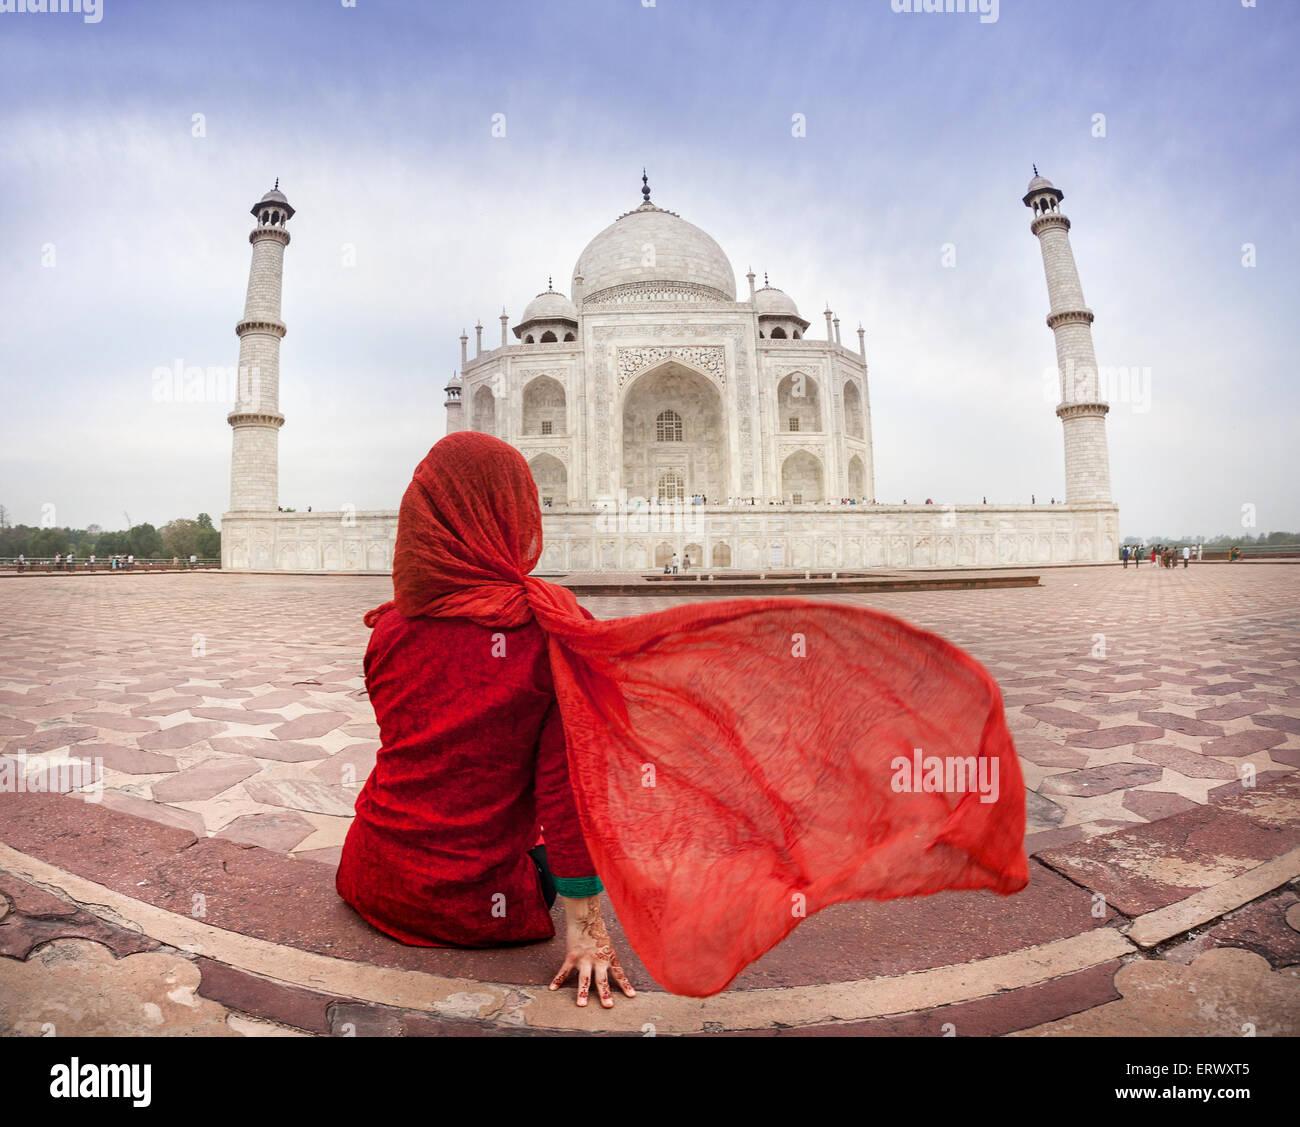 Donna in costume rosso con lusinghiero sciarpa seduti vicino al Taj Mahal di Agra, Uttar Pradesh, India Immagini Stock